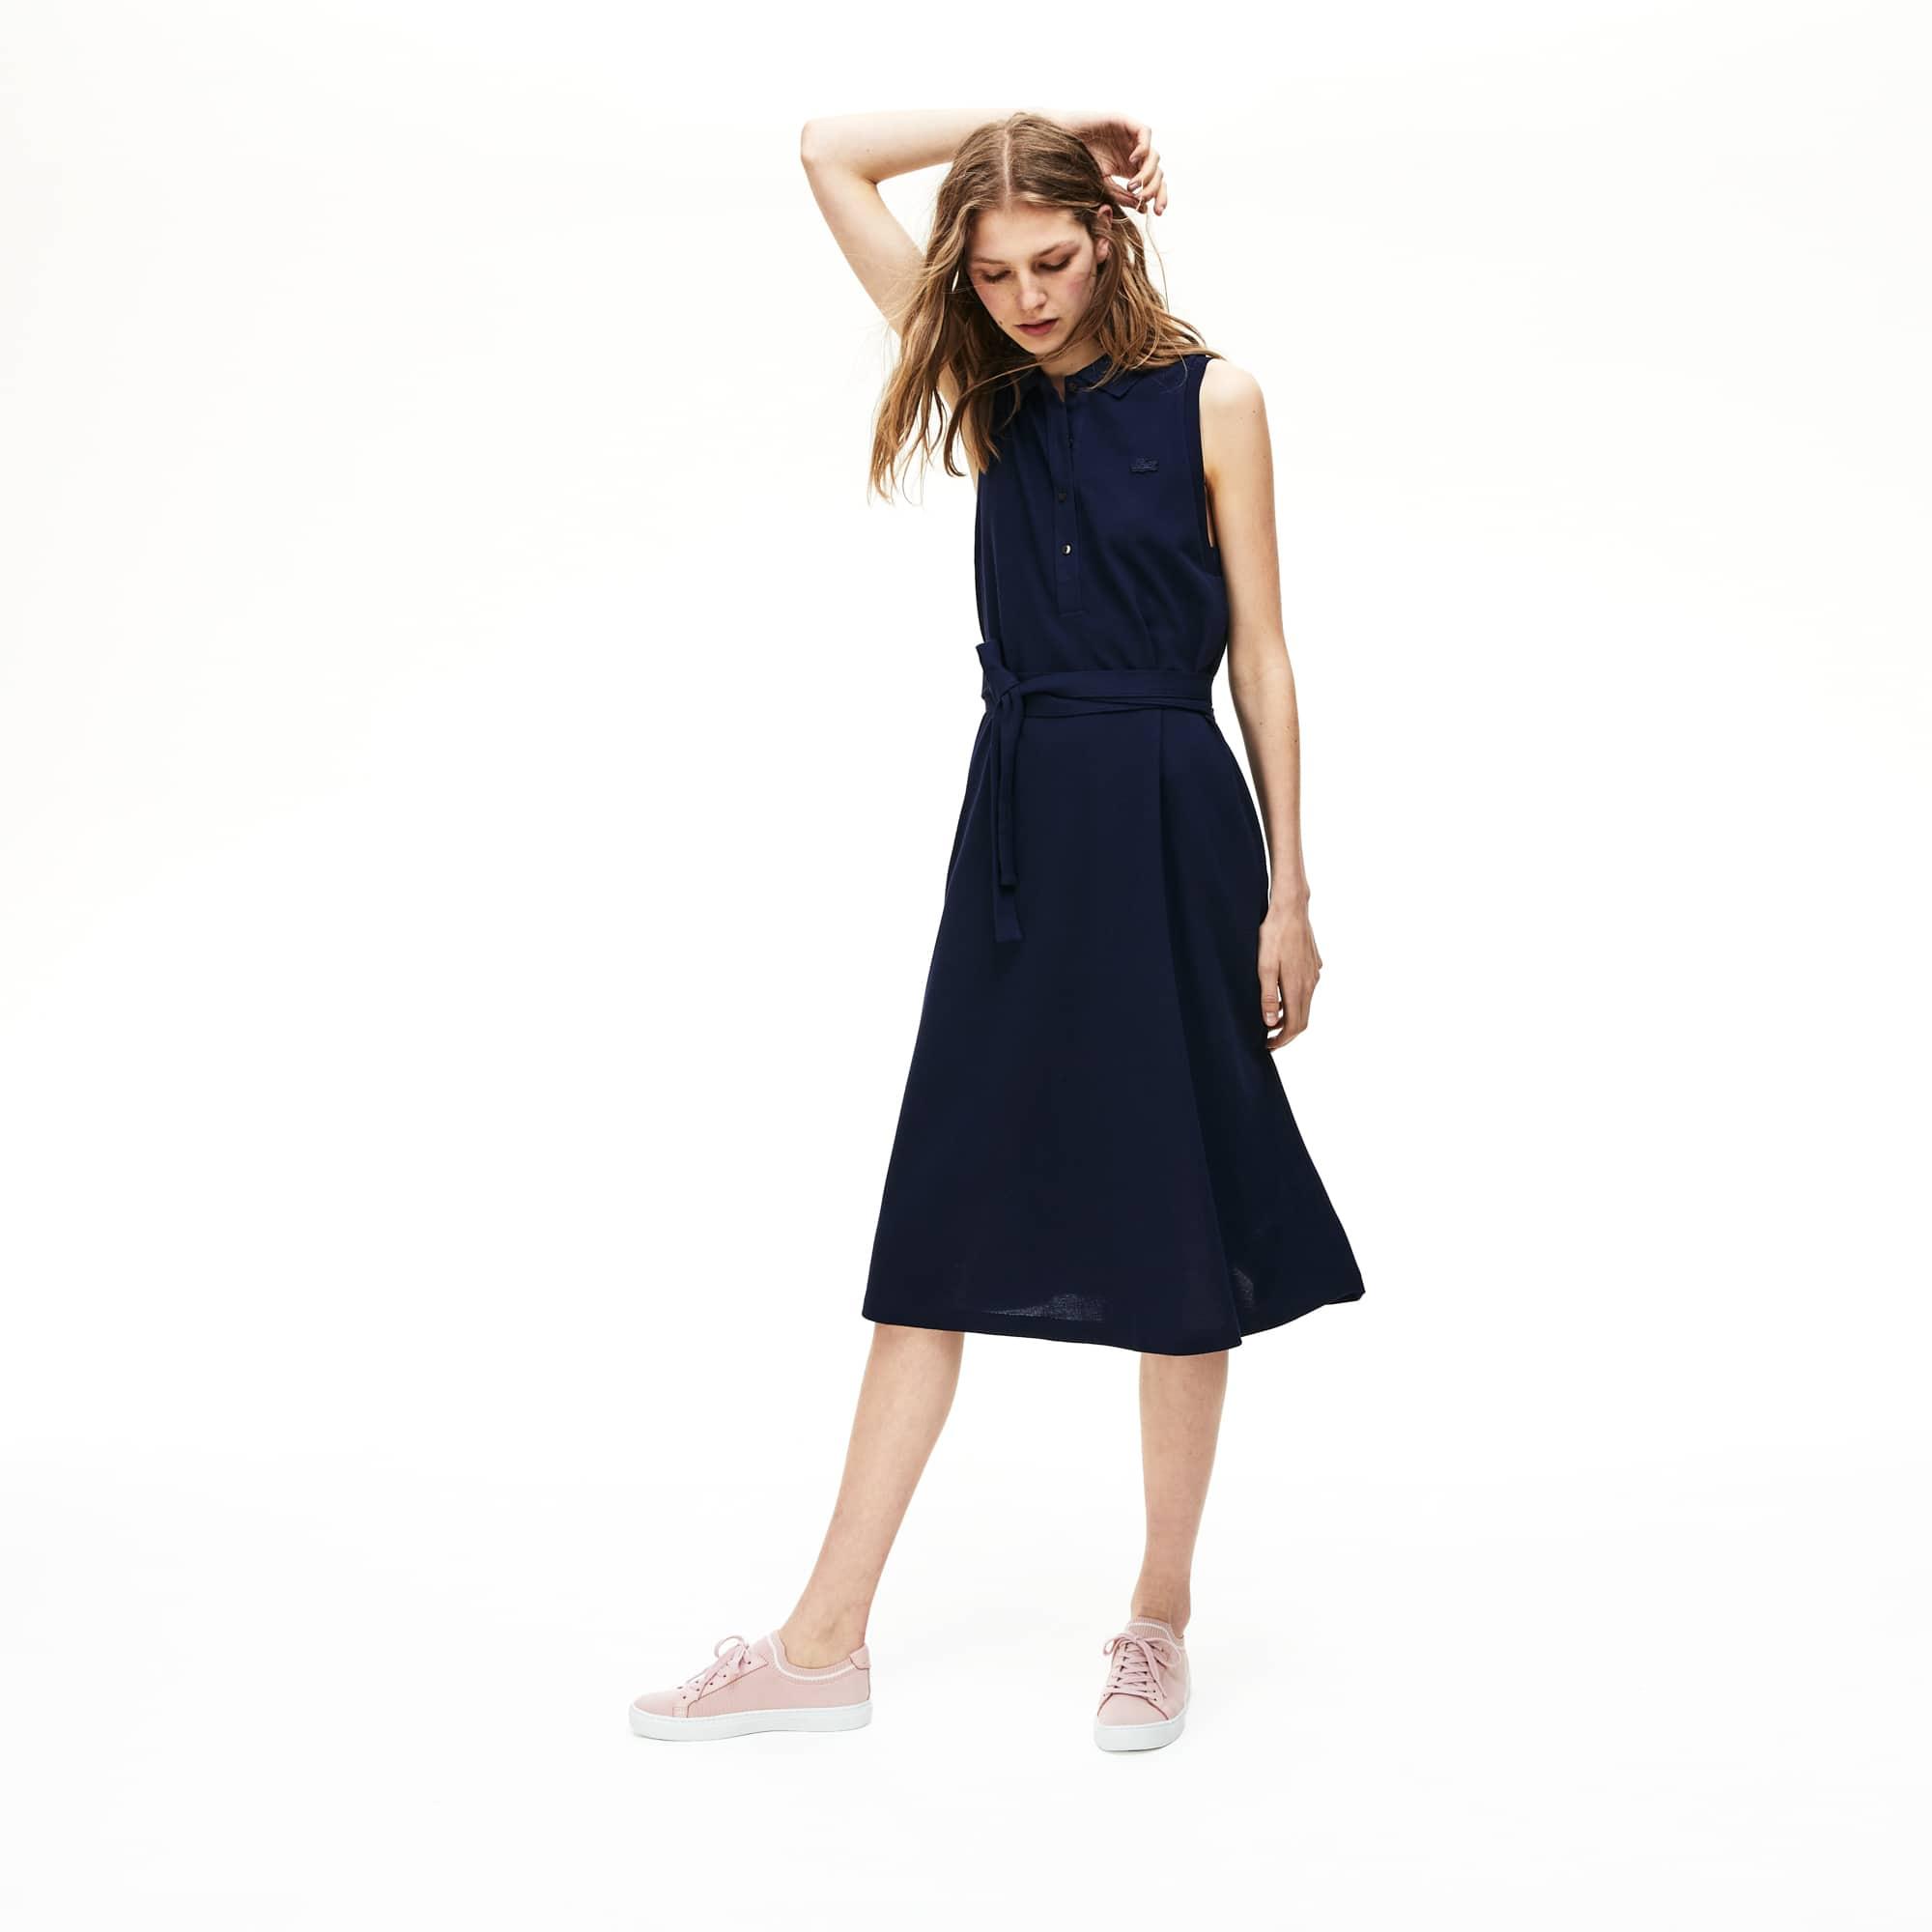 af75c59667901a New. Women s Soft Petit Piqué Polo Dress.  165.00